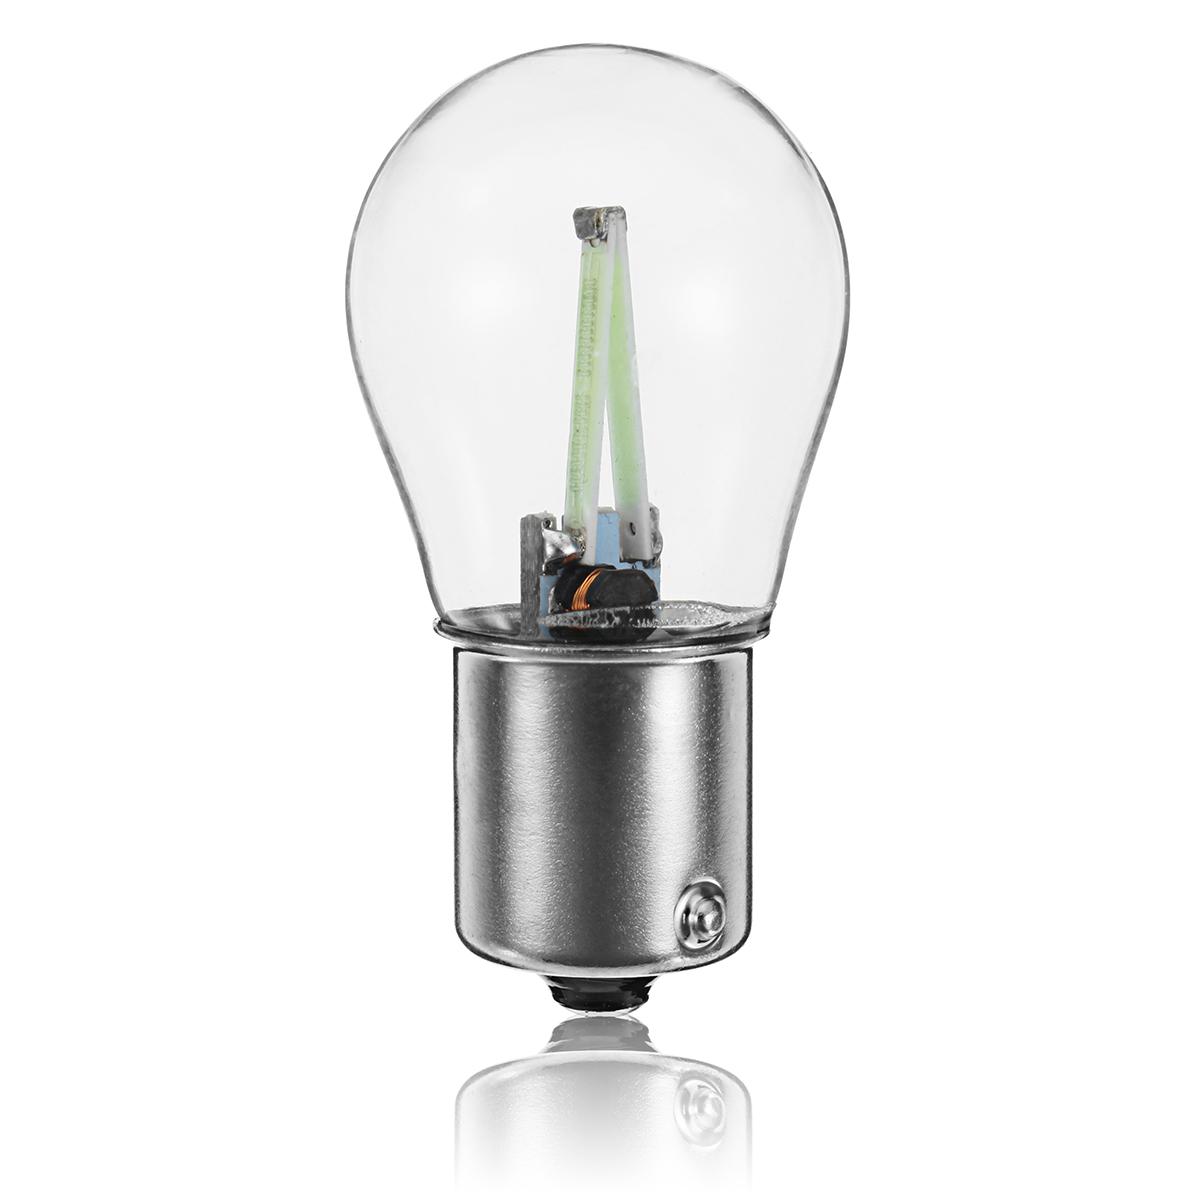 2.5W 28V 200LM Car COB LED Indicator Light Backup Lights Bulb Five Colors Bulb